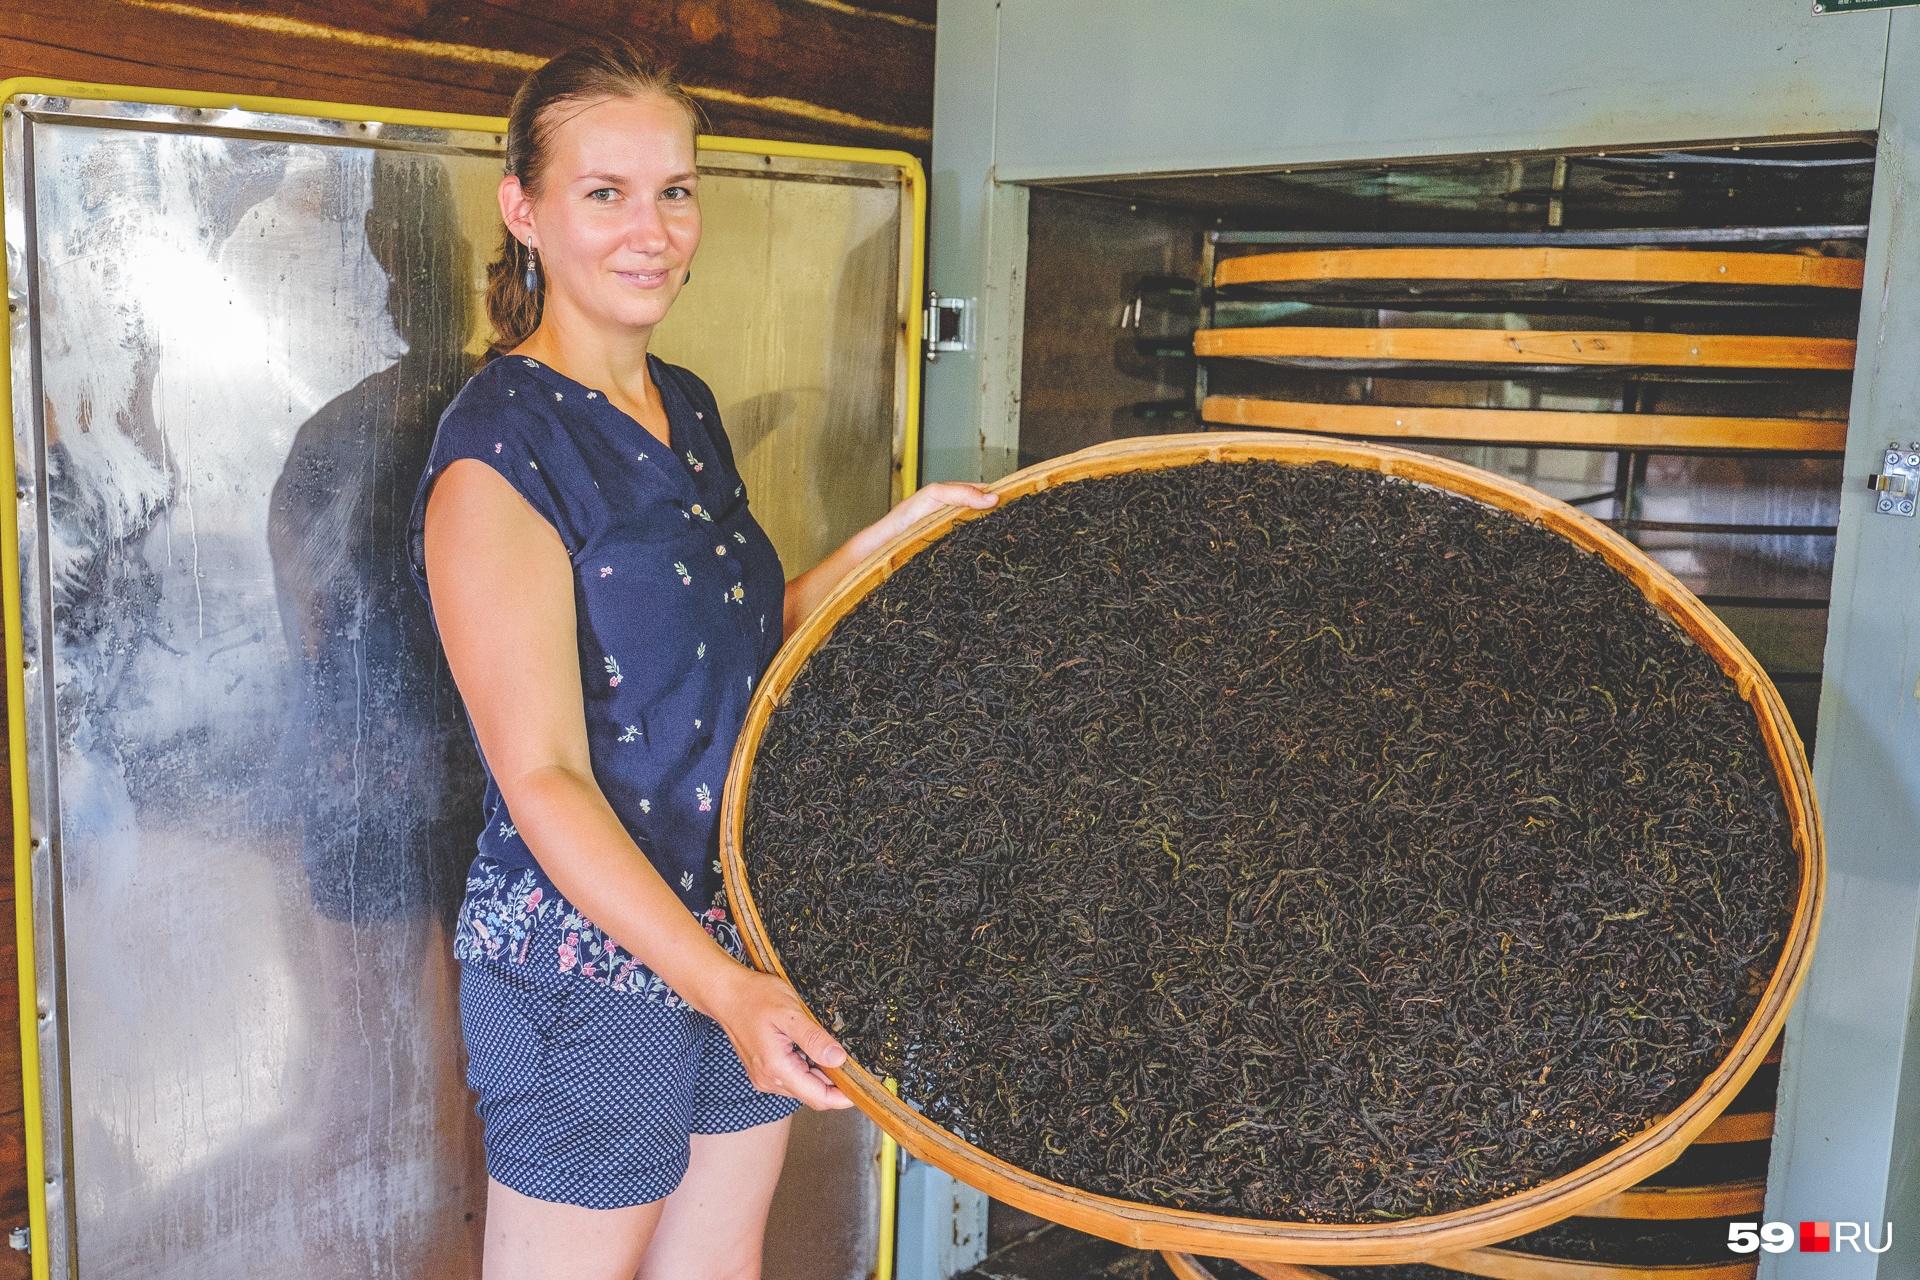 Евгения демонстрирует поддон с иван-чаем, который только-только достали из печи и сейчас отправят остывать